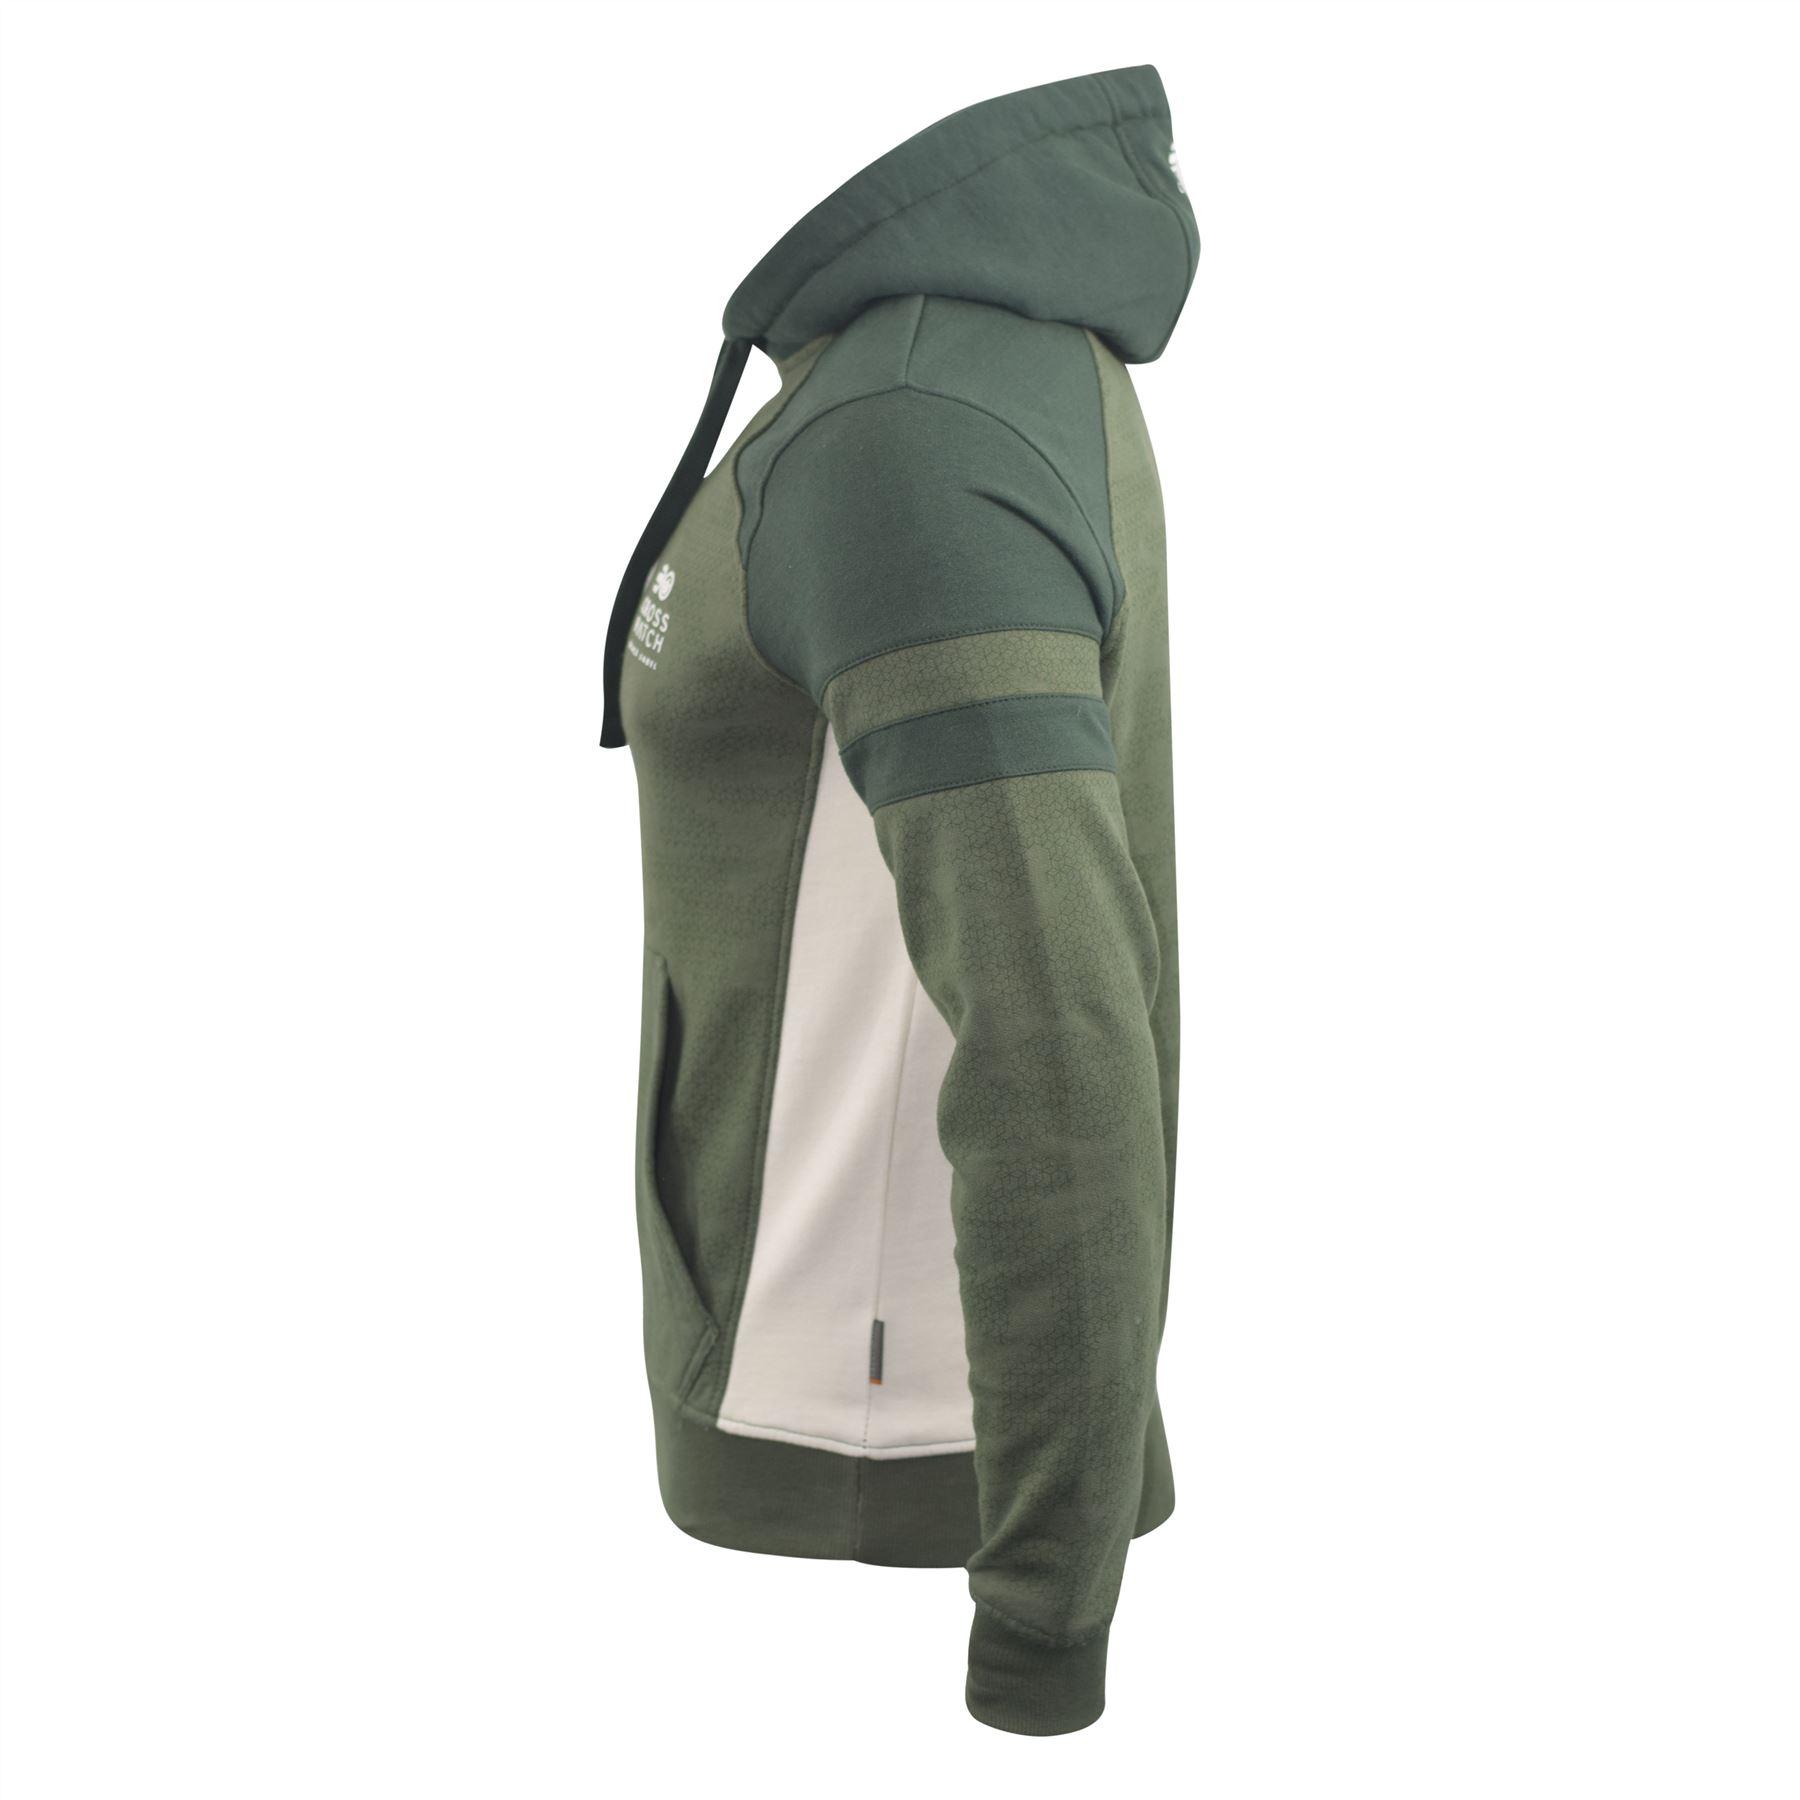 Mens-Hoodie-Crosshatch-Sweatshirt-Hooded-Jumper-Top-Pullover-Kirknewton thumbnail 6